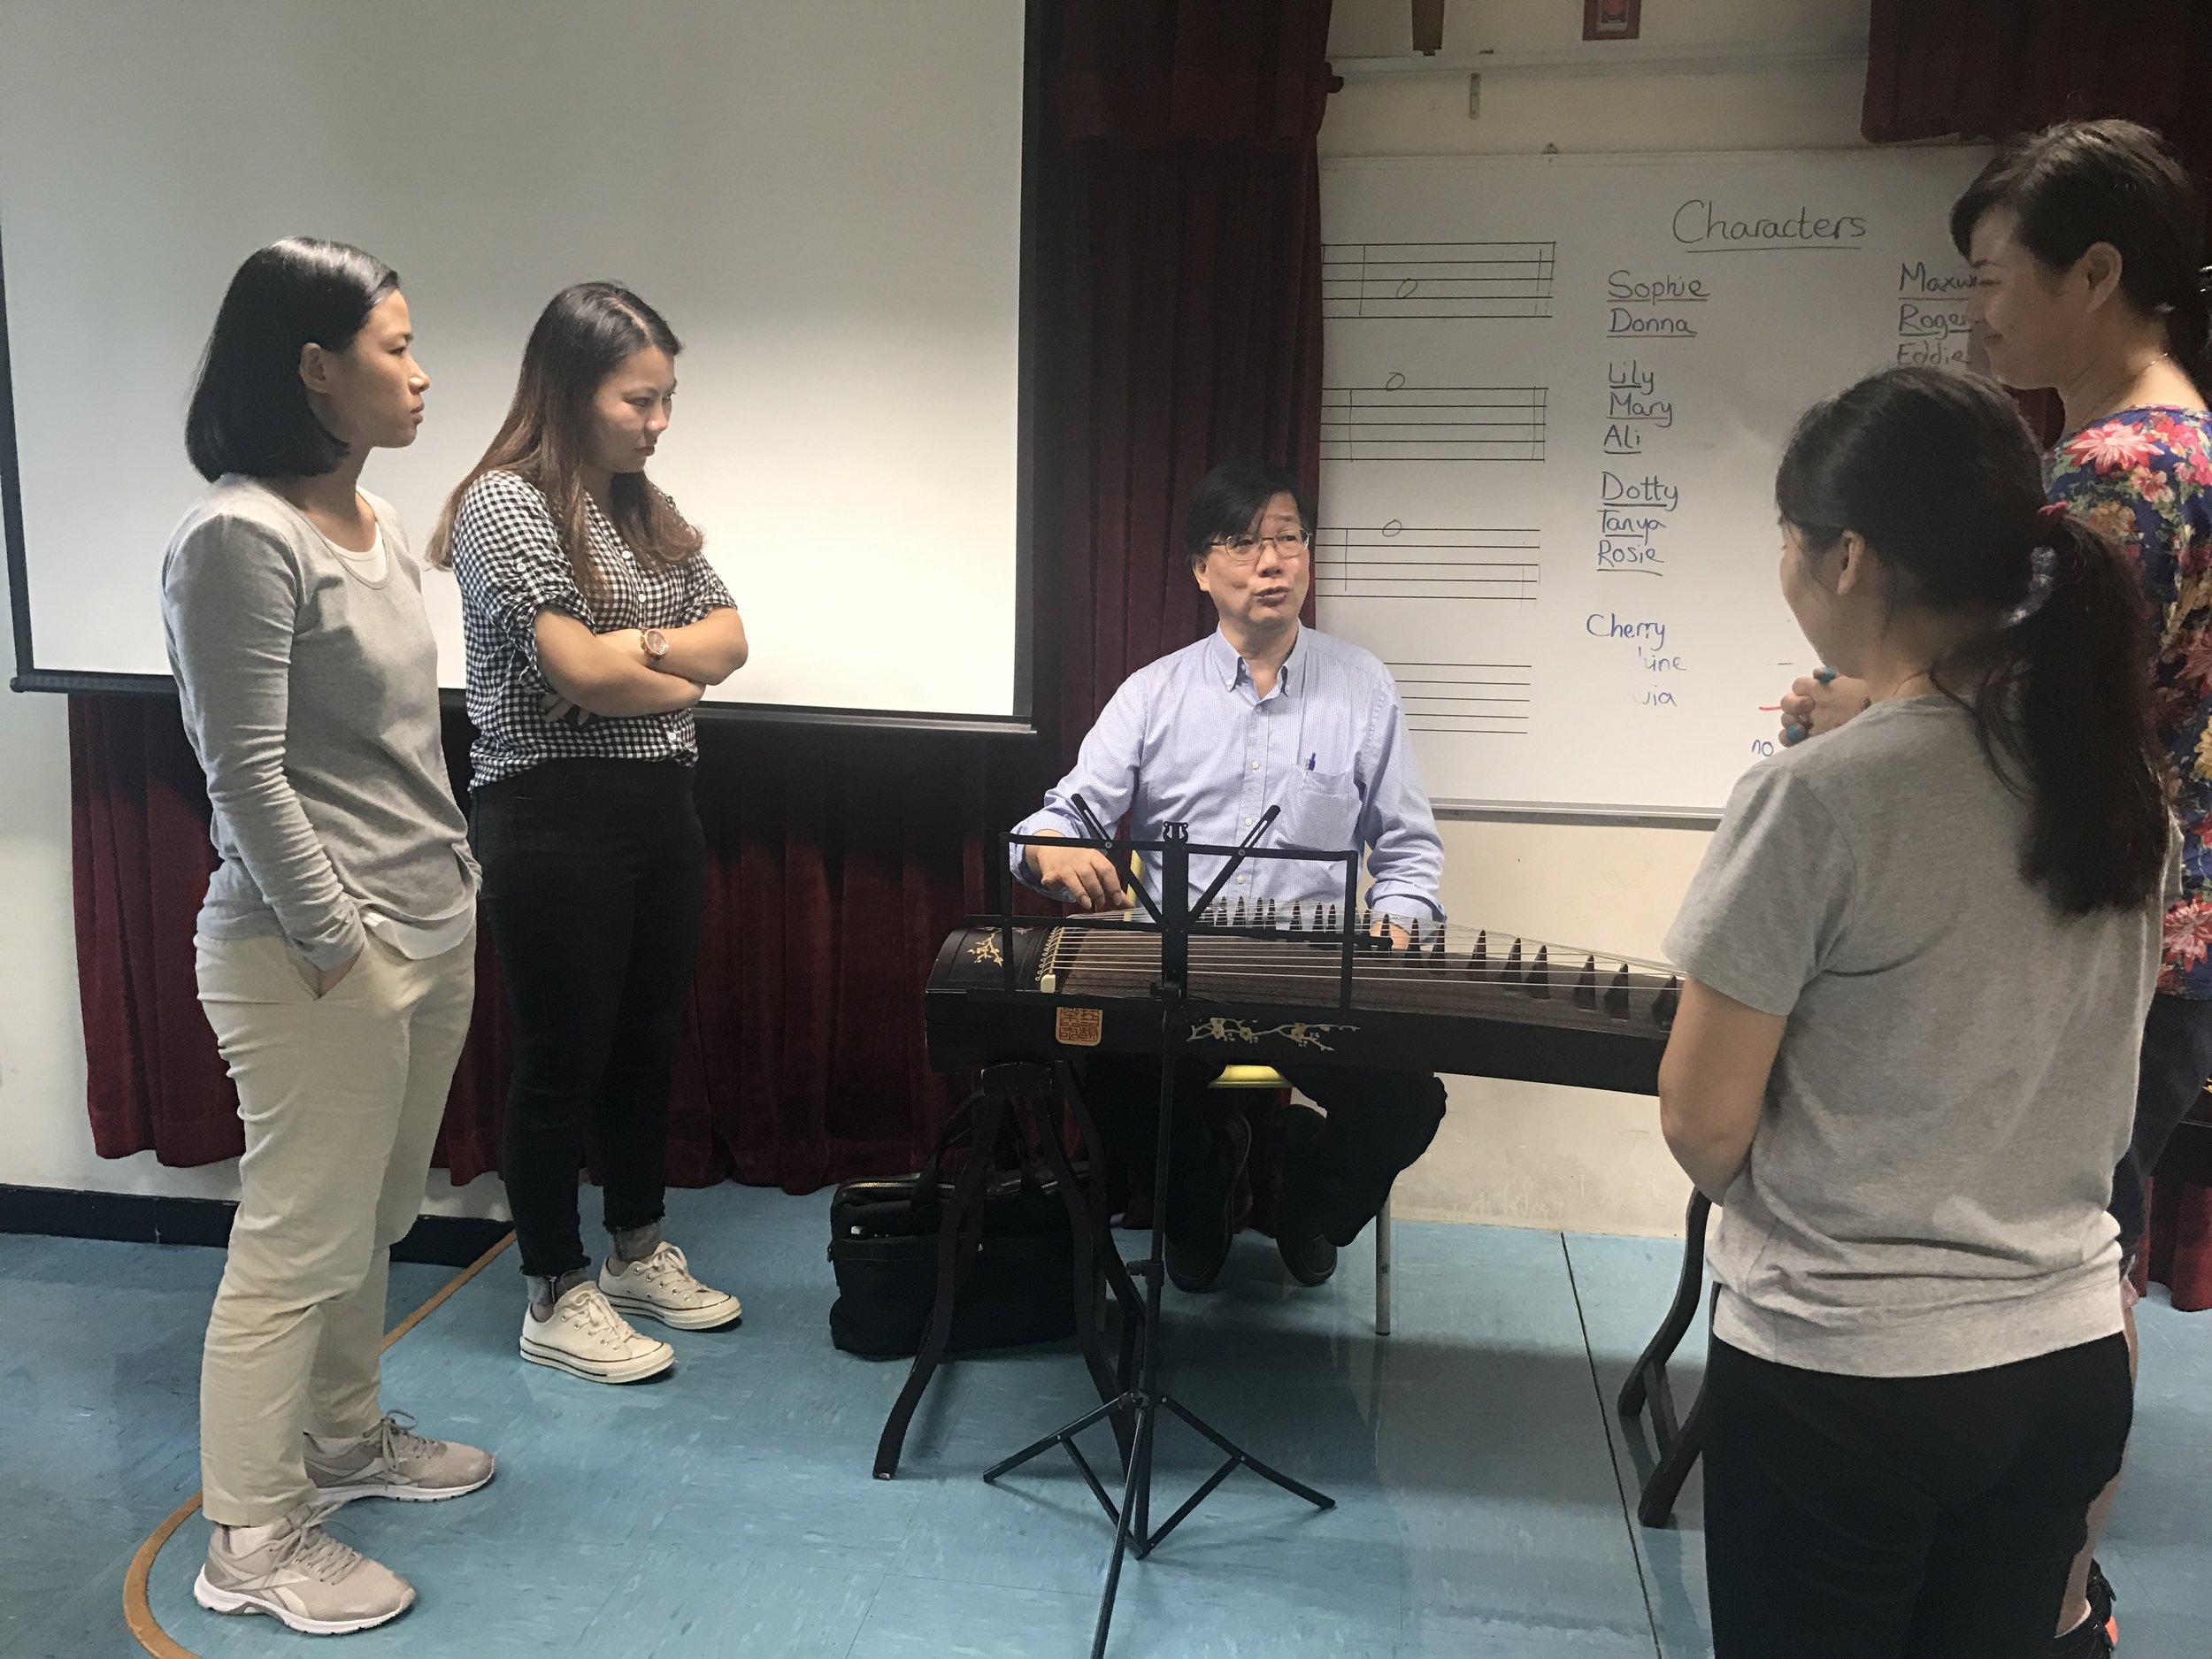 家長古箏班由資深古箏演奏家吳炳坤先生親自教授,並提供古箏讓家長學習及於學校進行練習